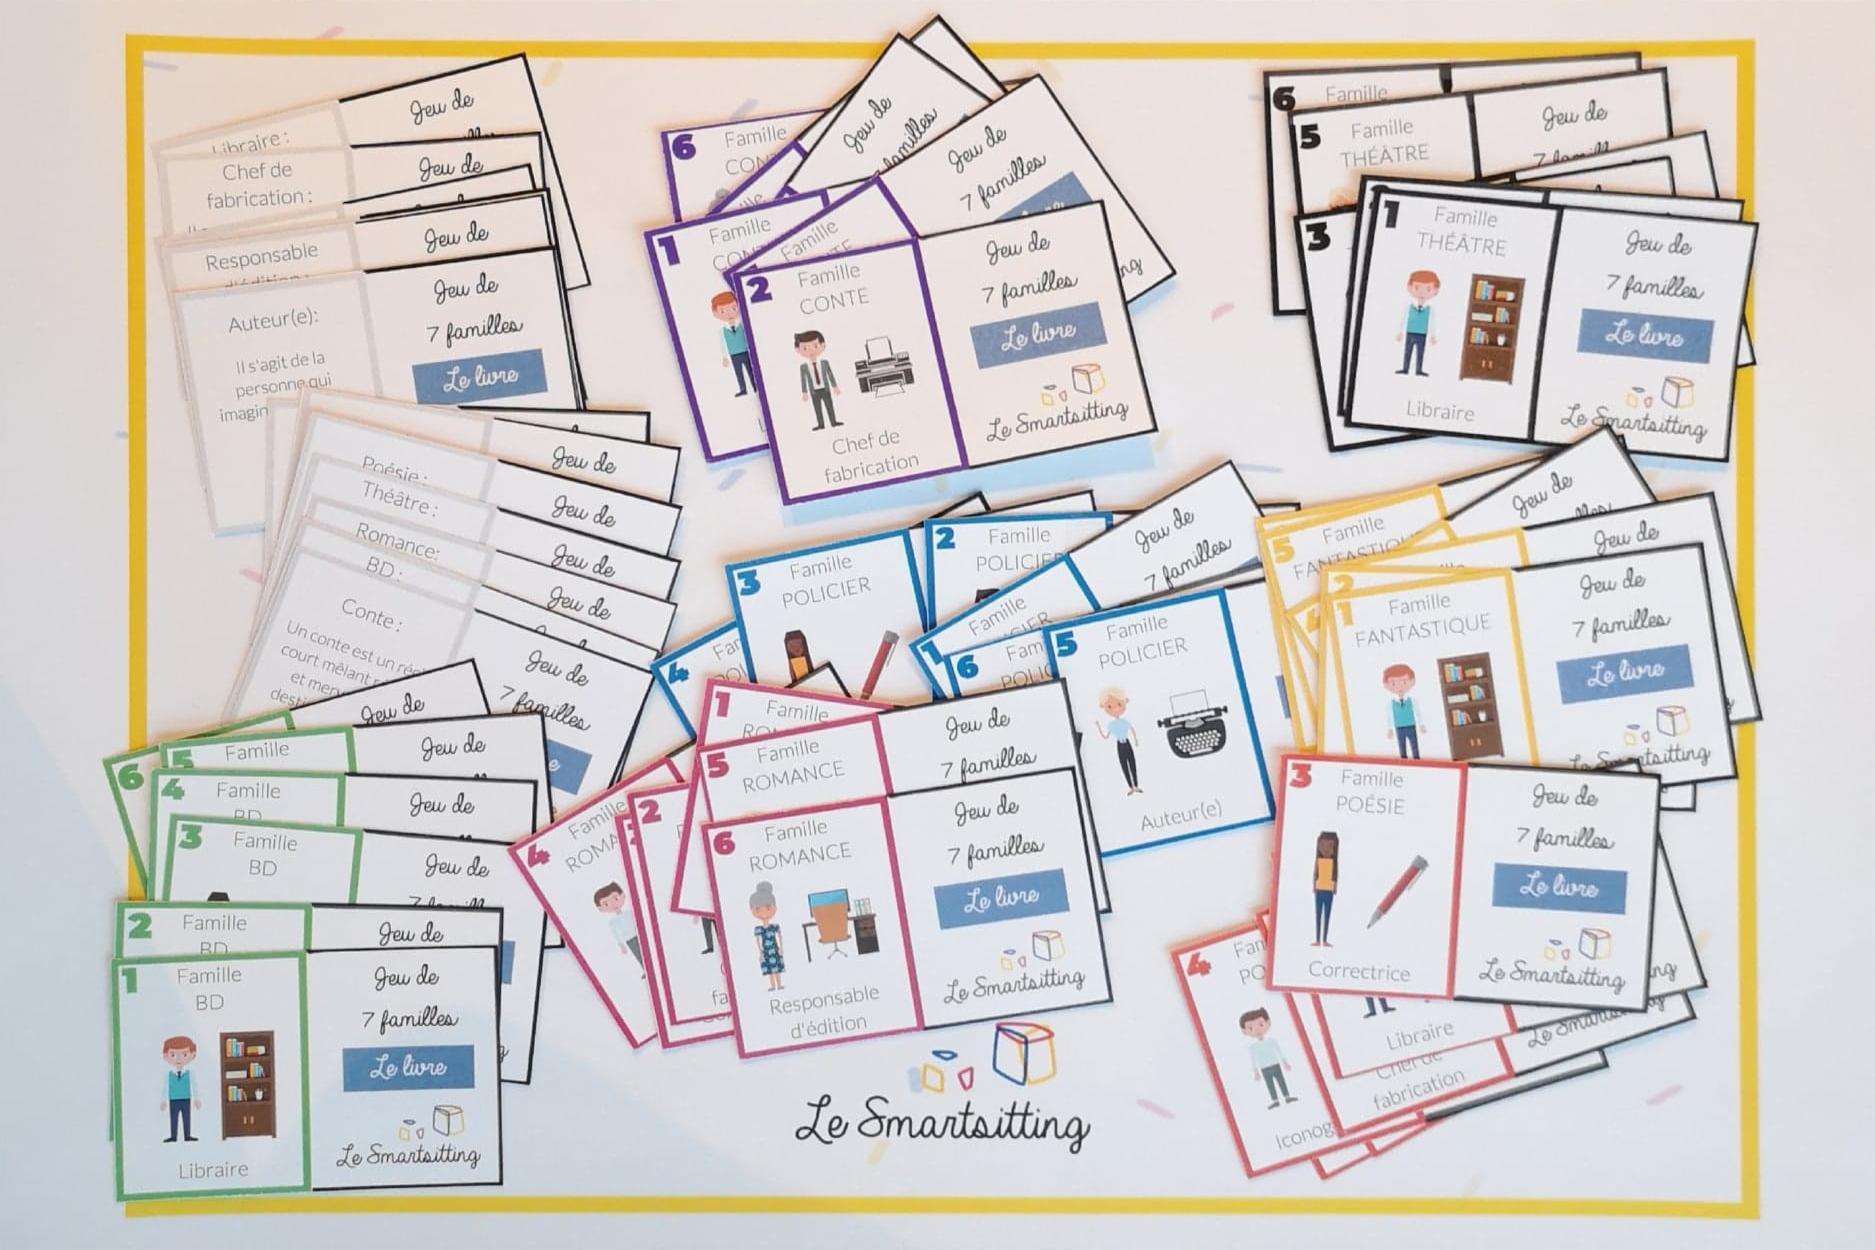 Jeu De 7 Familles Original Et Gratuit | Le Blog Du Babysitting destiné Jeux Gratuits Pour Enfants De 7 Ans